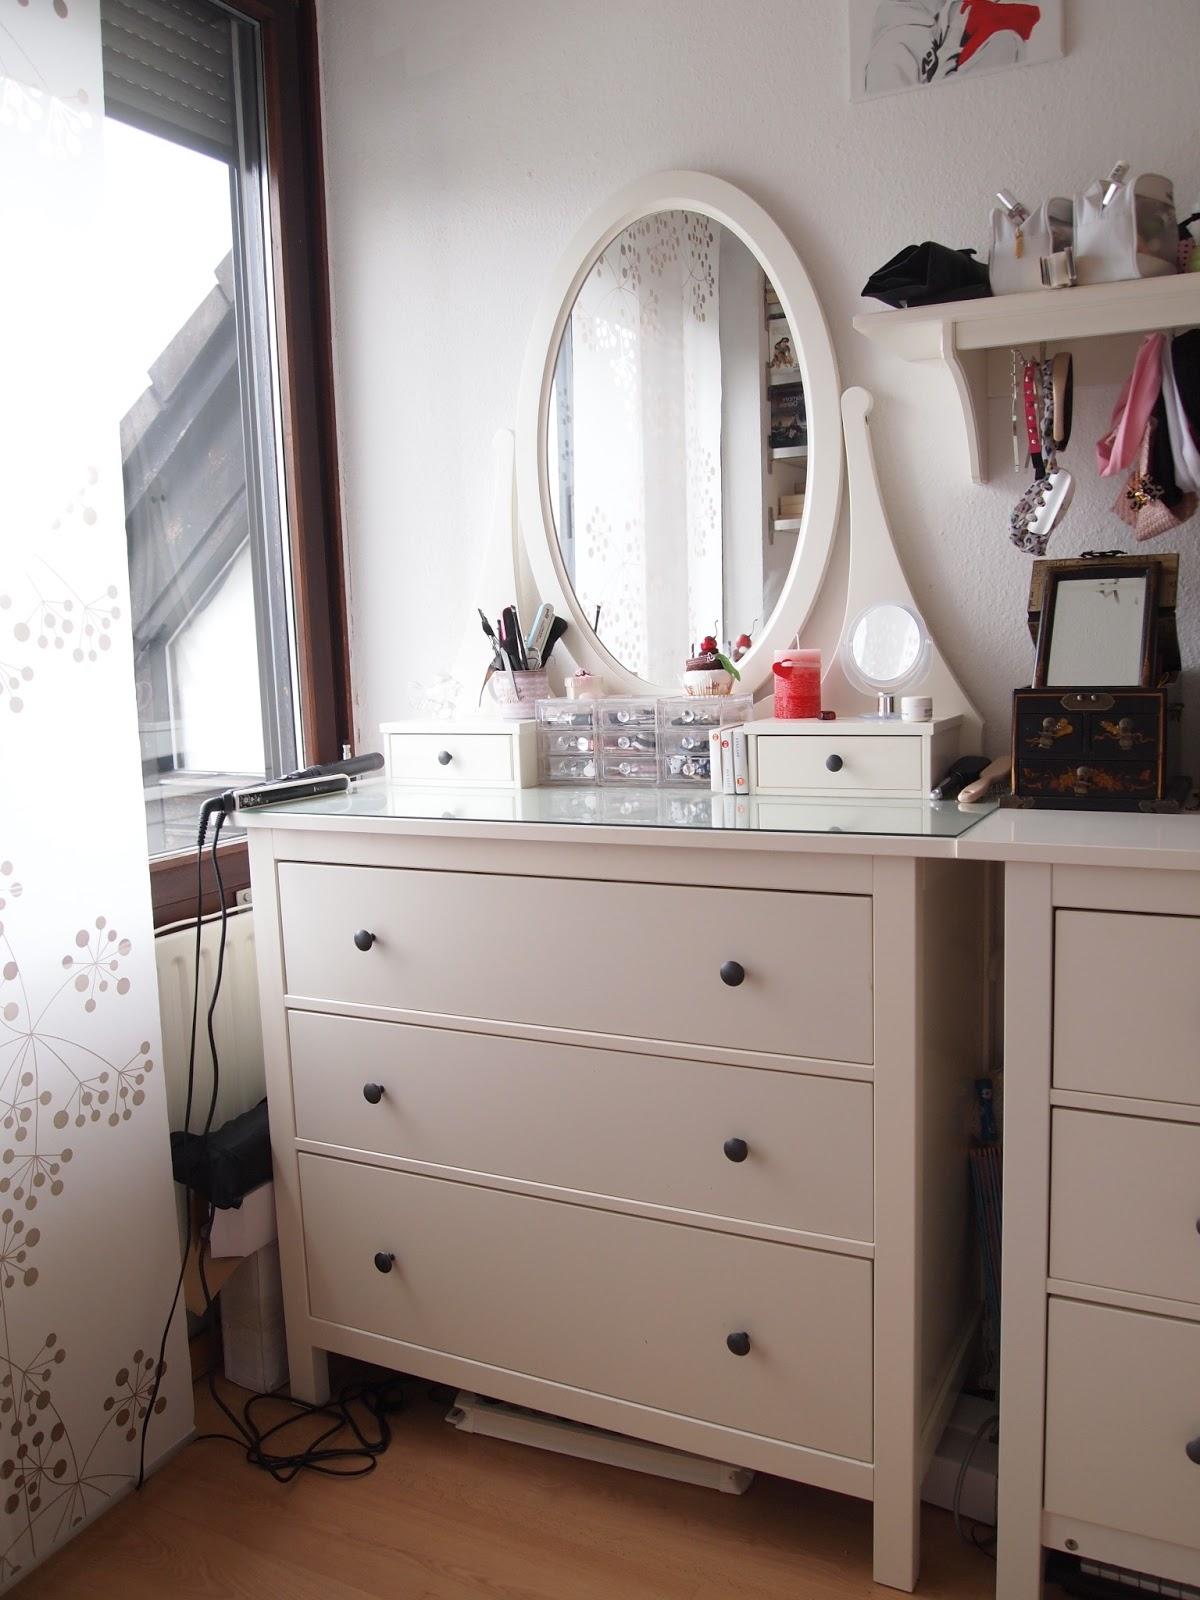 Frisiertisch Ikea Gebraucht ~ Schlafzimmer Programm Studioline Programmen, Möbel gebraucht kaufen